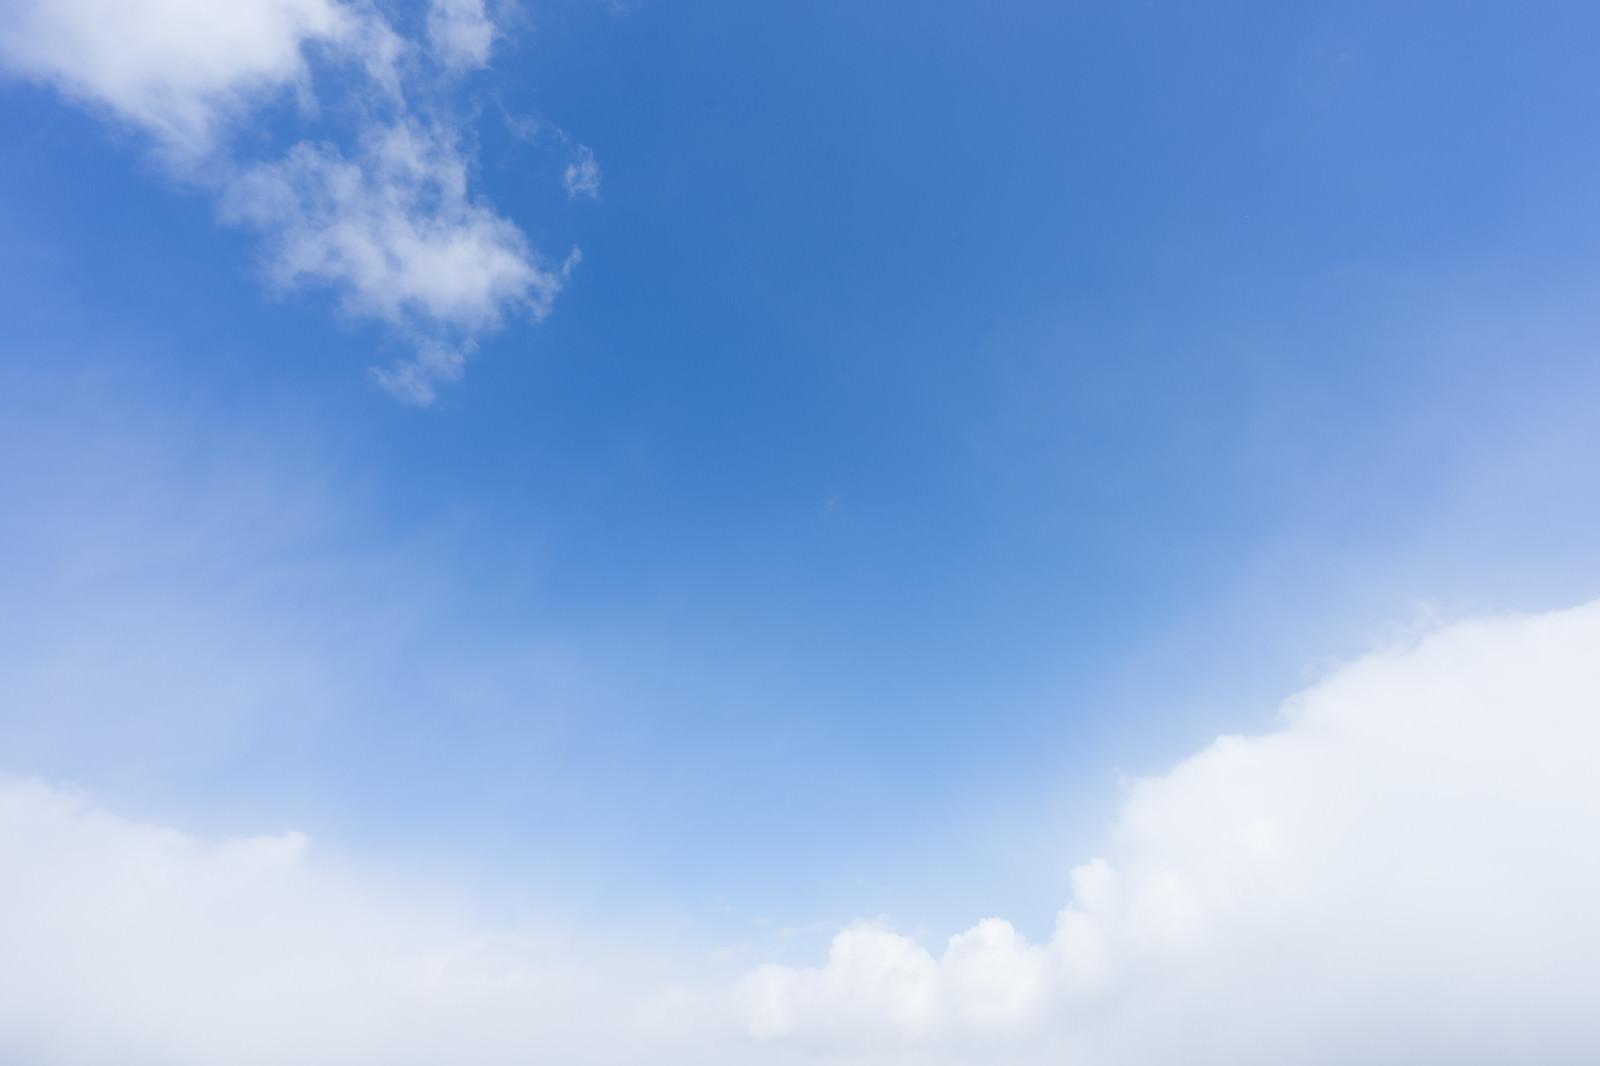 「青空と雲がふわふわ」の写真